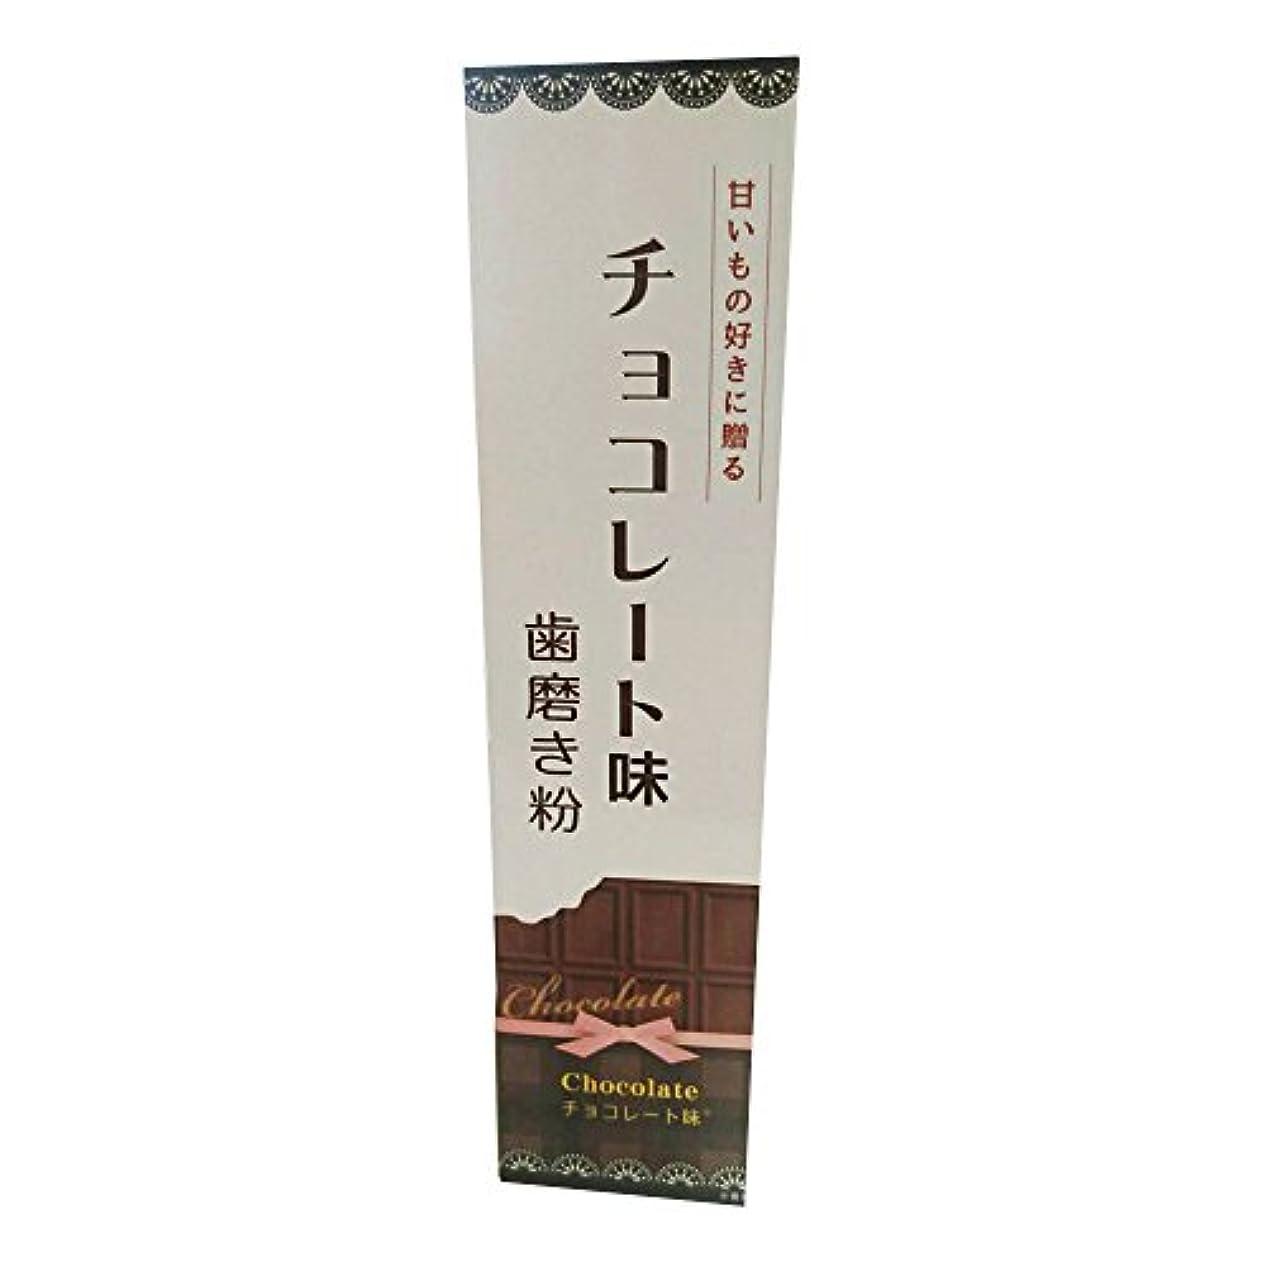 定刻スタウト民族主義フレーバー歯磨き粉チョコレート味 70g